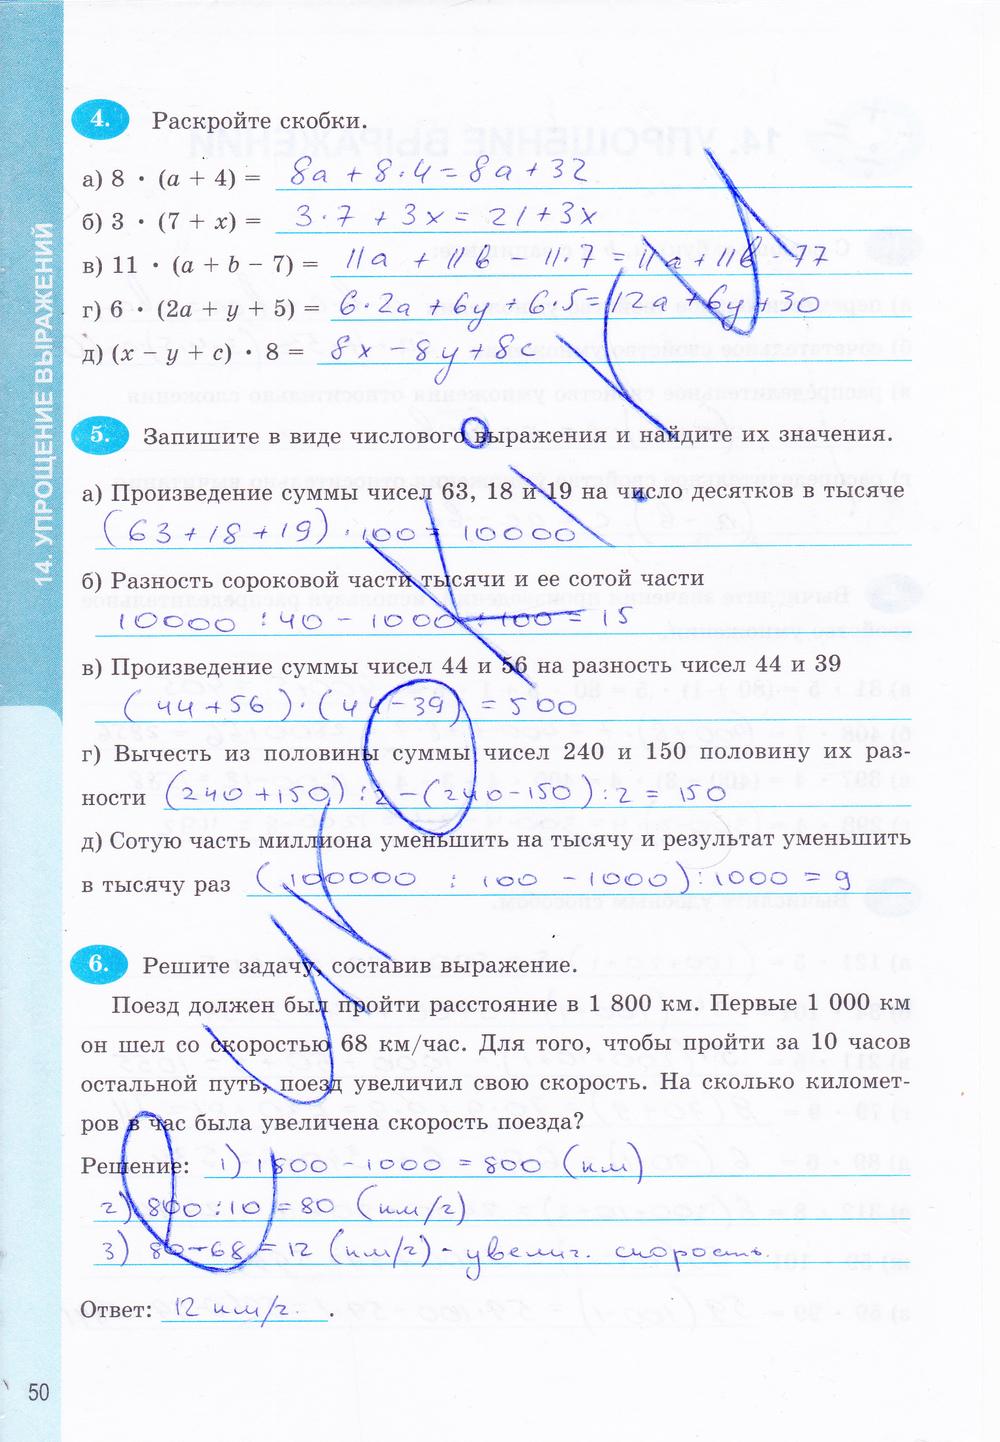 Рабочая тетрадь по математике 6 класс ерина решение задачи стр